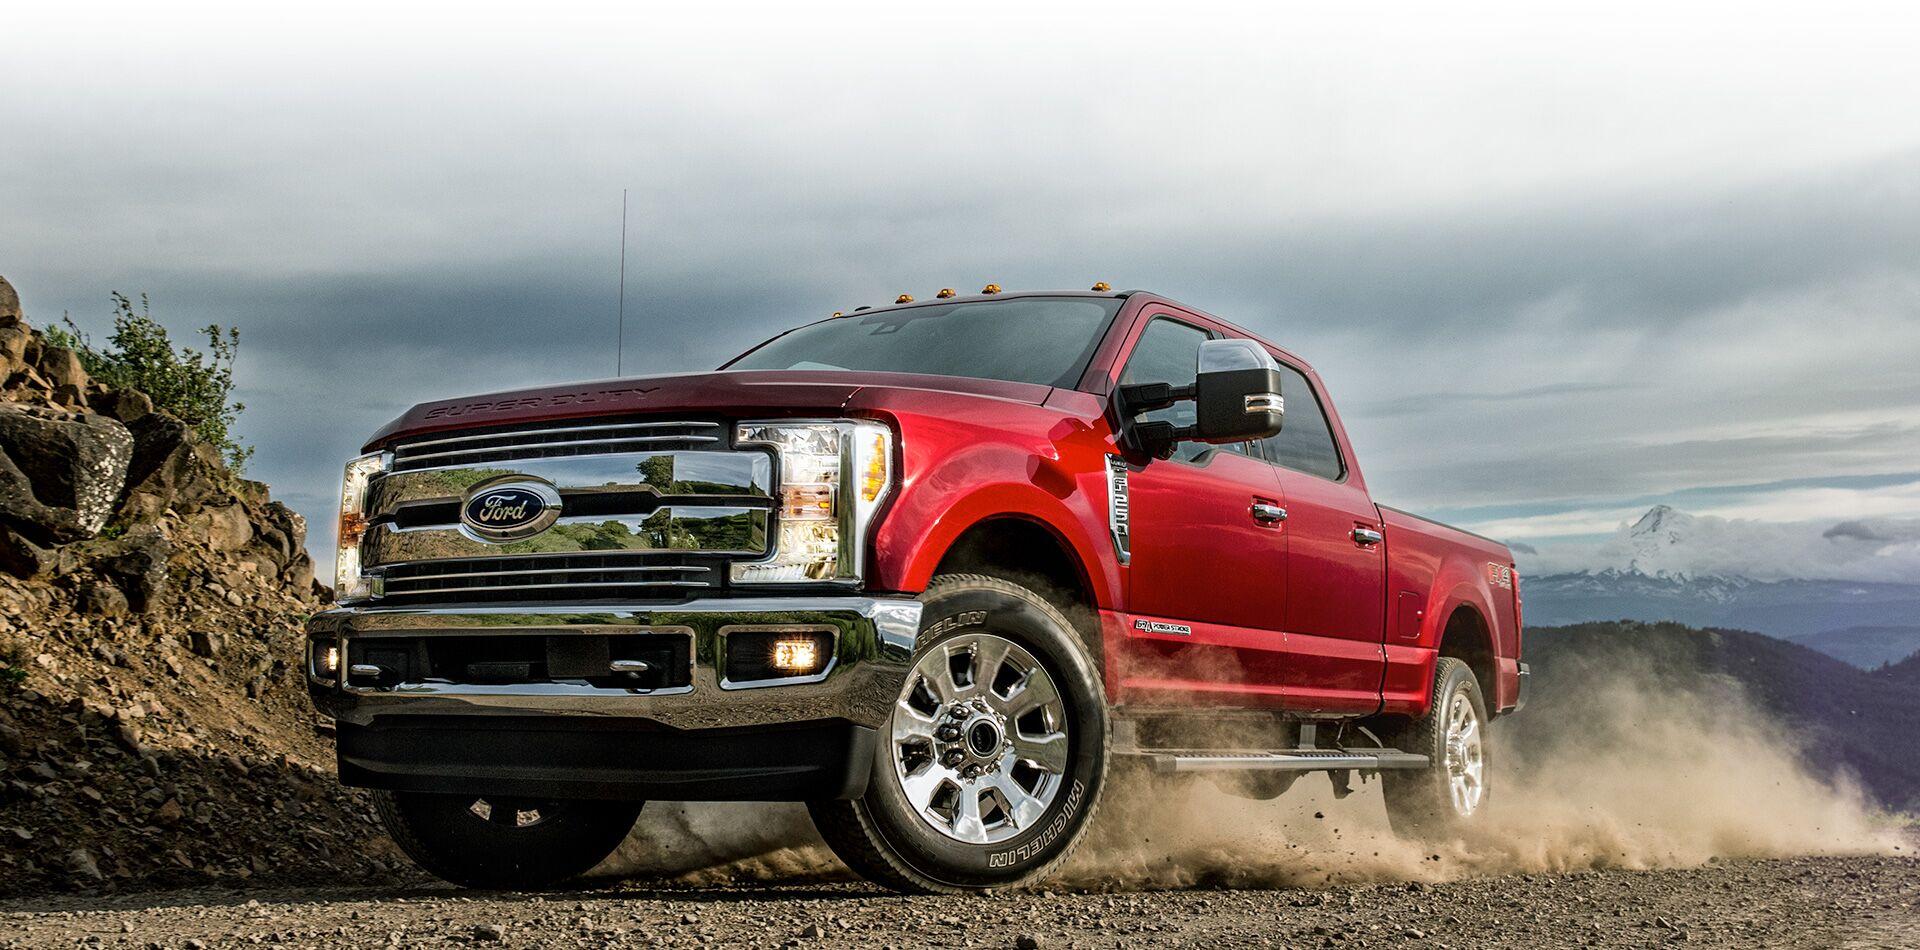 Utah Used Car Sales >> Used Car Dealership In West Jordan Ut Used Cars Image Auto Sales